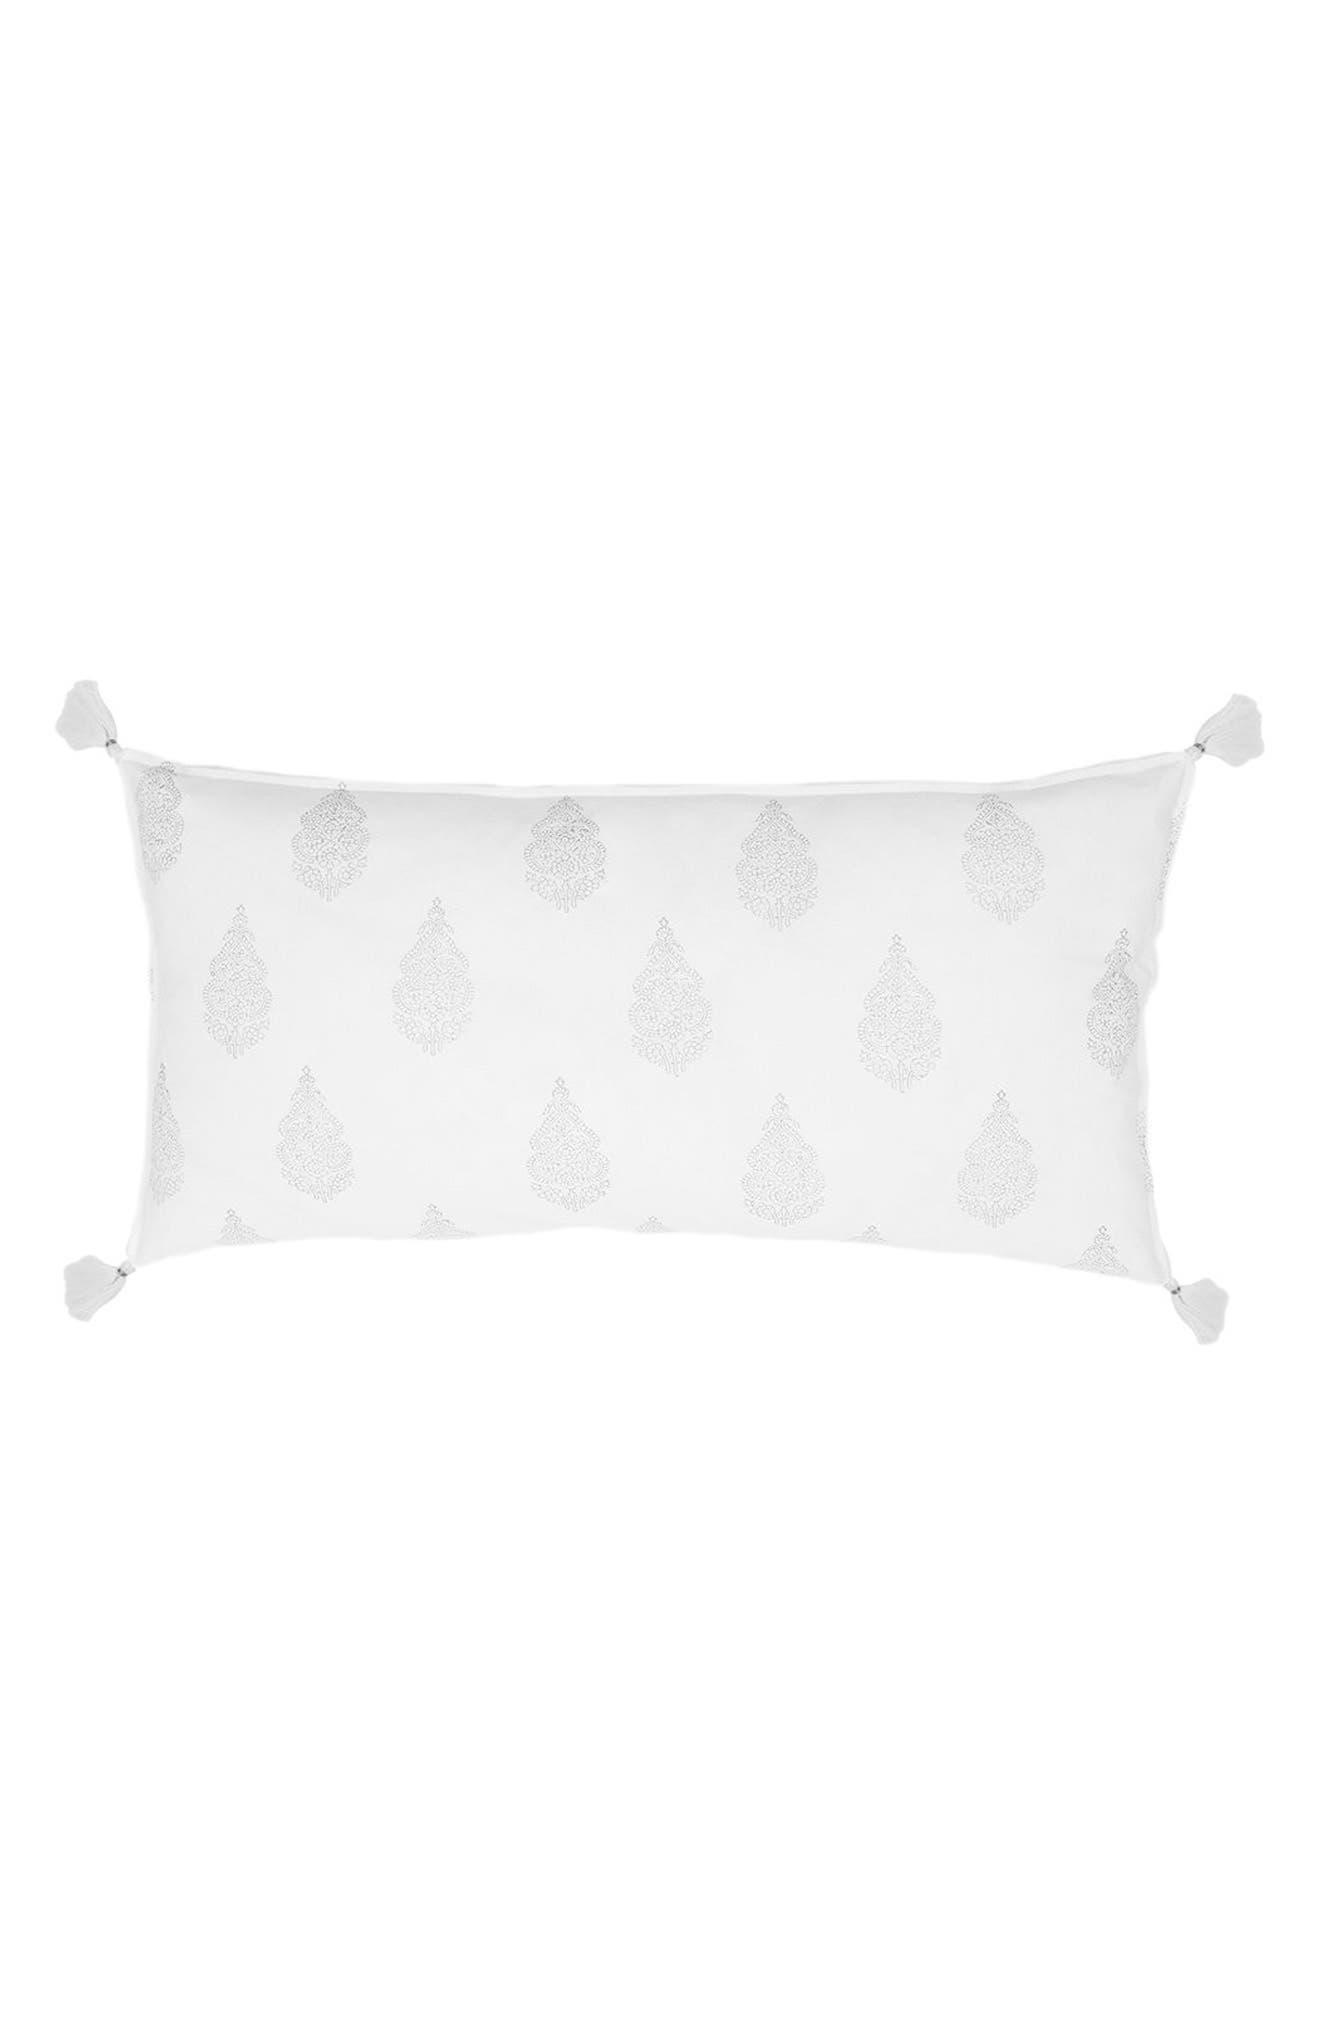 Siya Accent Pillow,                             Main thumbnail 1, color,                             040